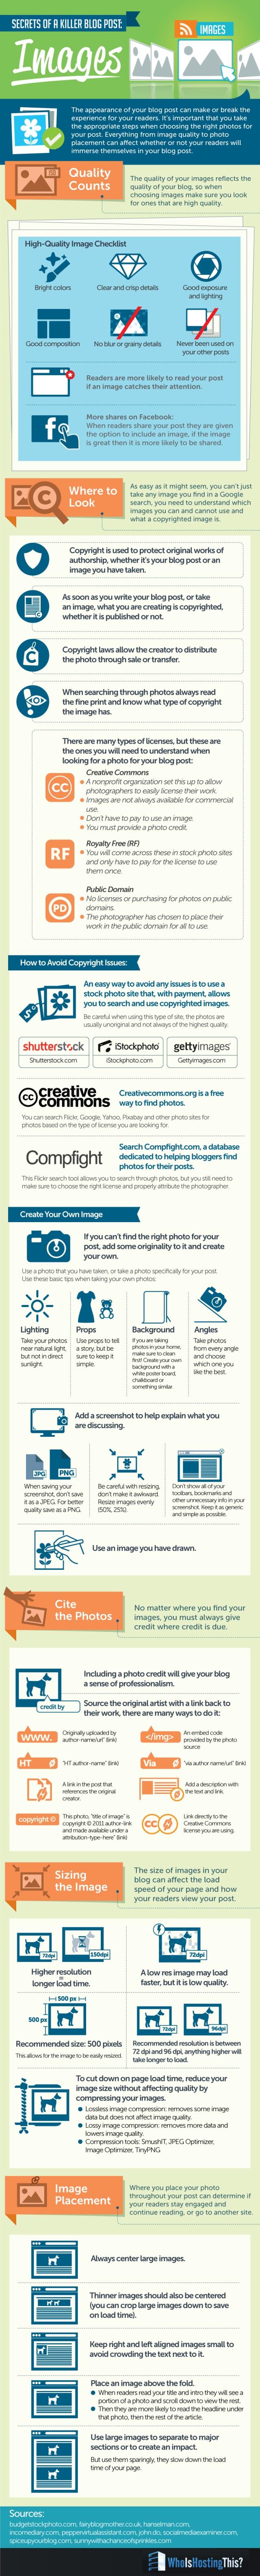 Haz bueno un post con imágenes